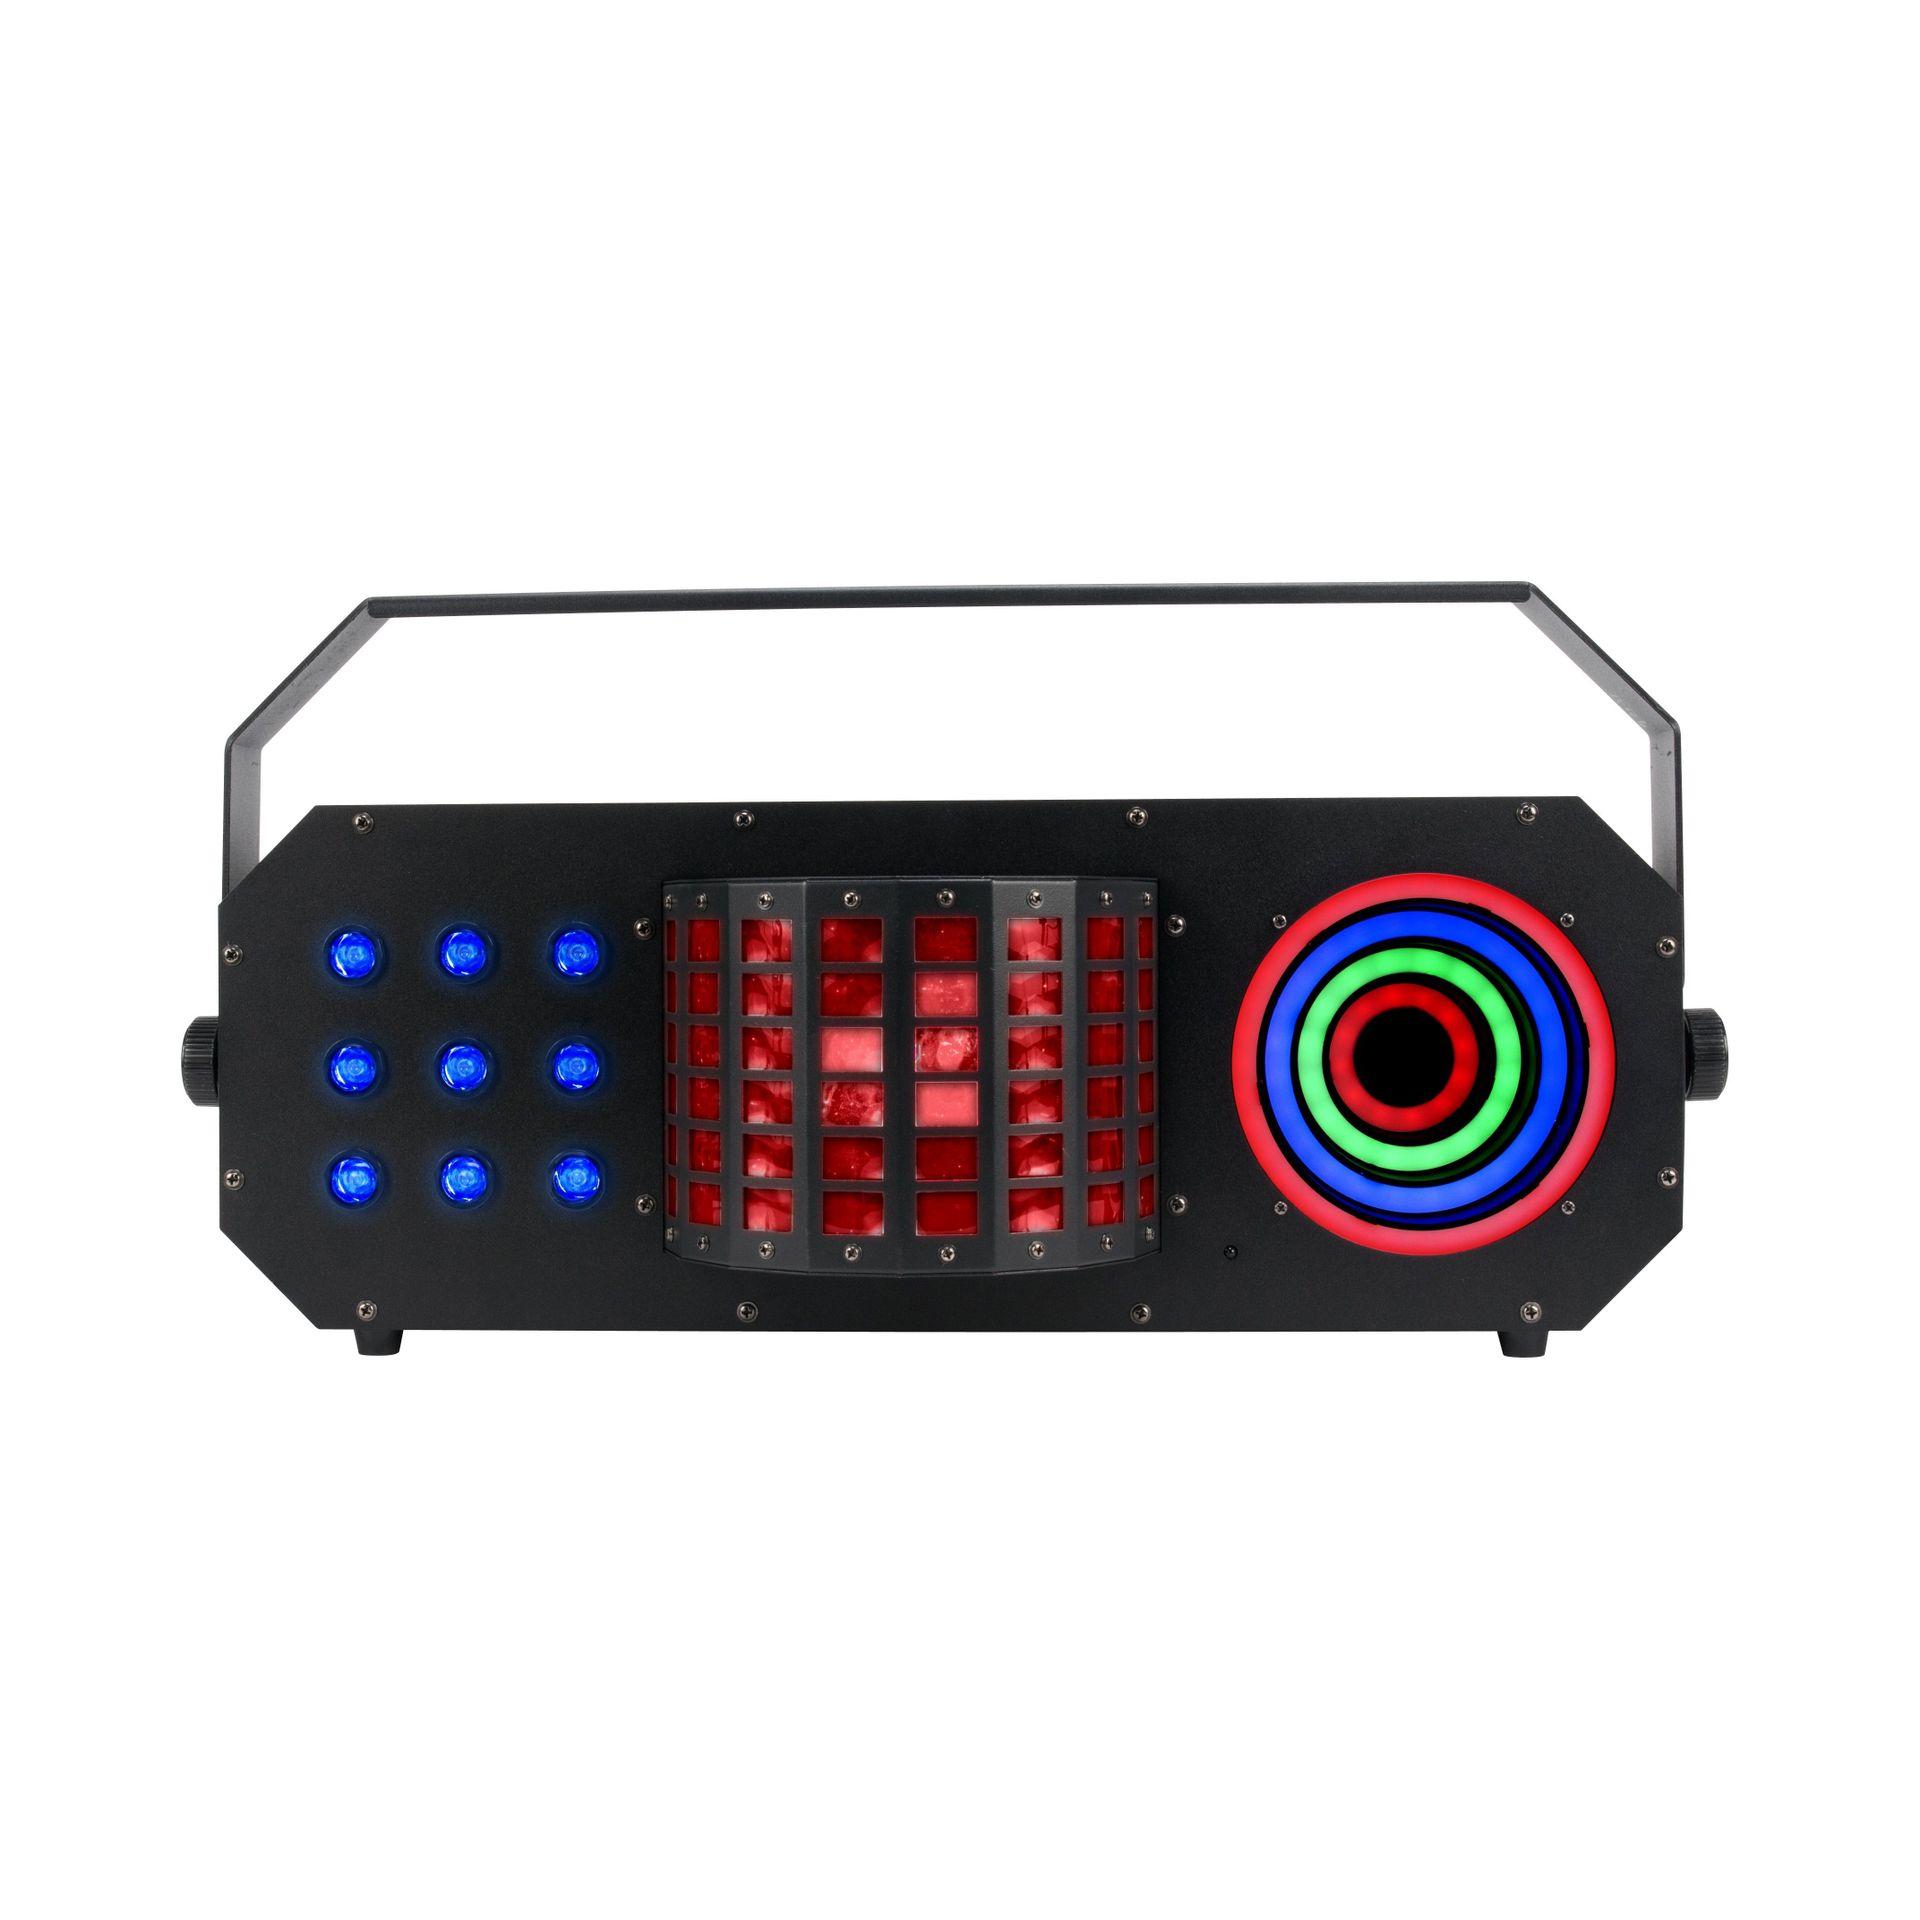 American DJ ADJ Boom Box FX3 LED-Lichteffekt 3 Effekte unter einem Gehäuse